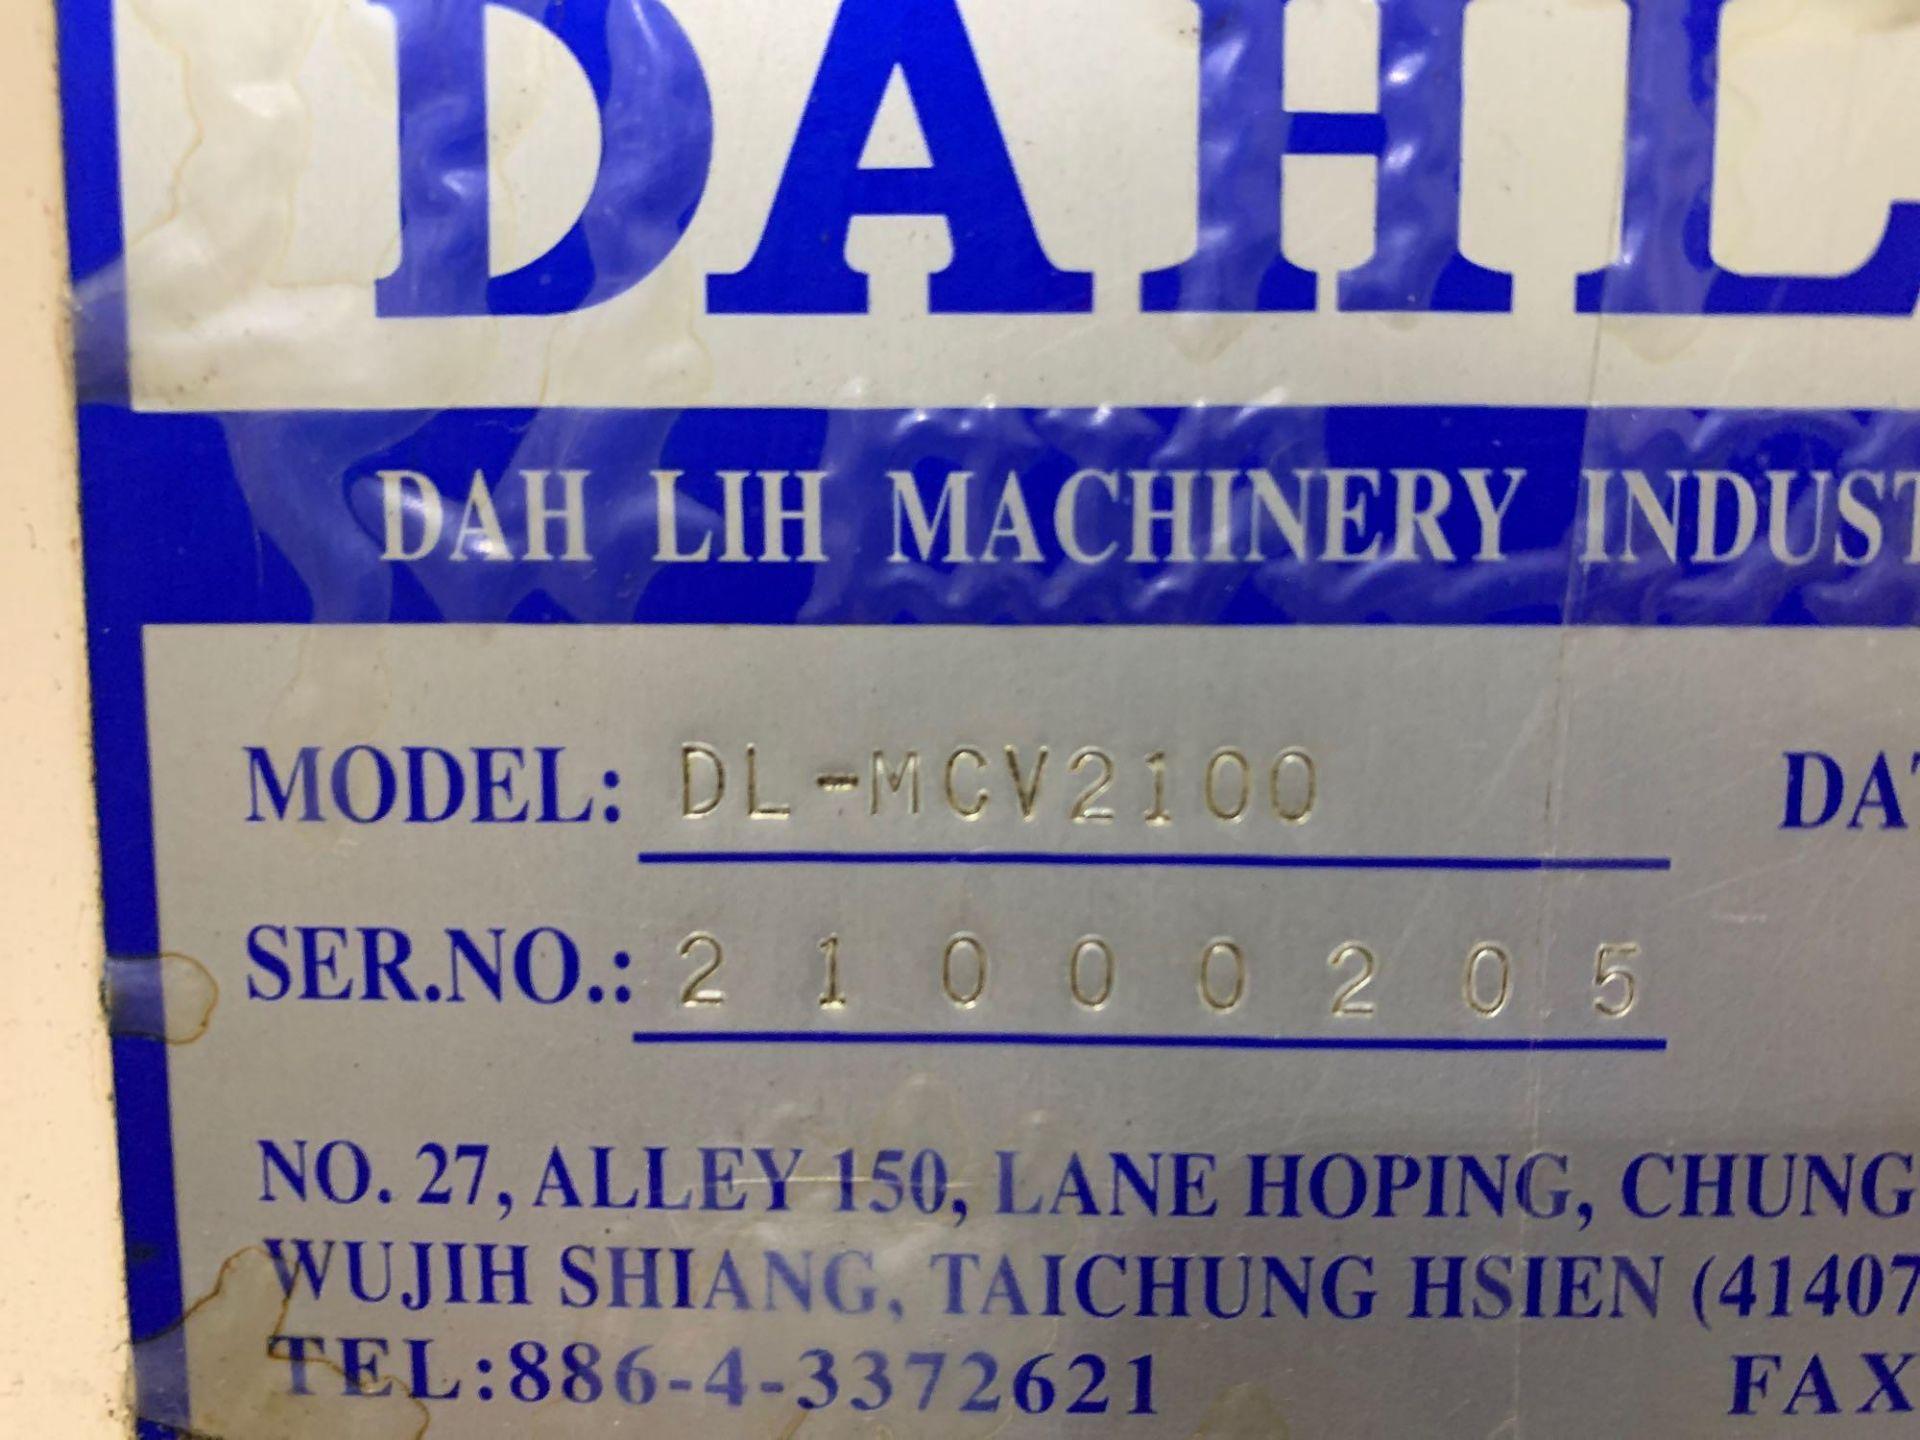 Dah-LihDL- MCV-2100 Vertical Machining Center Make: Dah-Lih Model #: DL- MCV-2100 Serial Number: 21 - Image 22 of 22